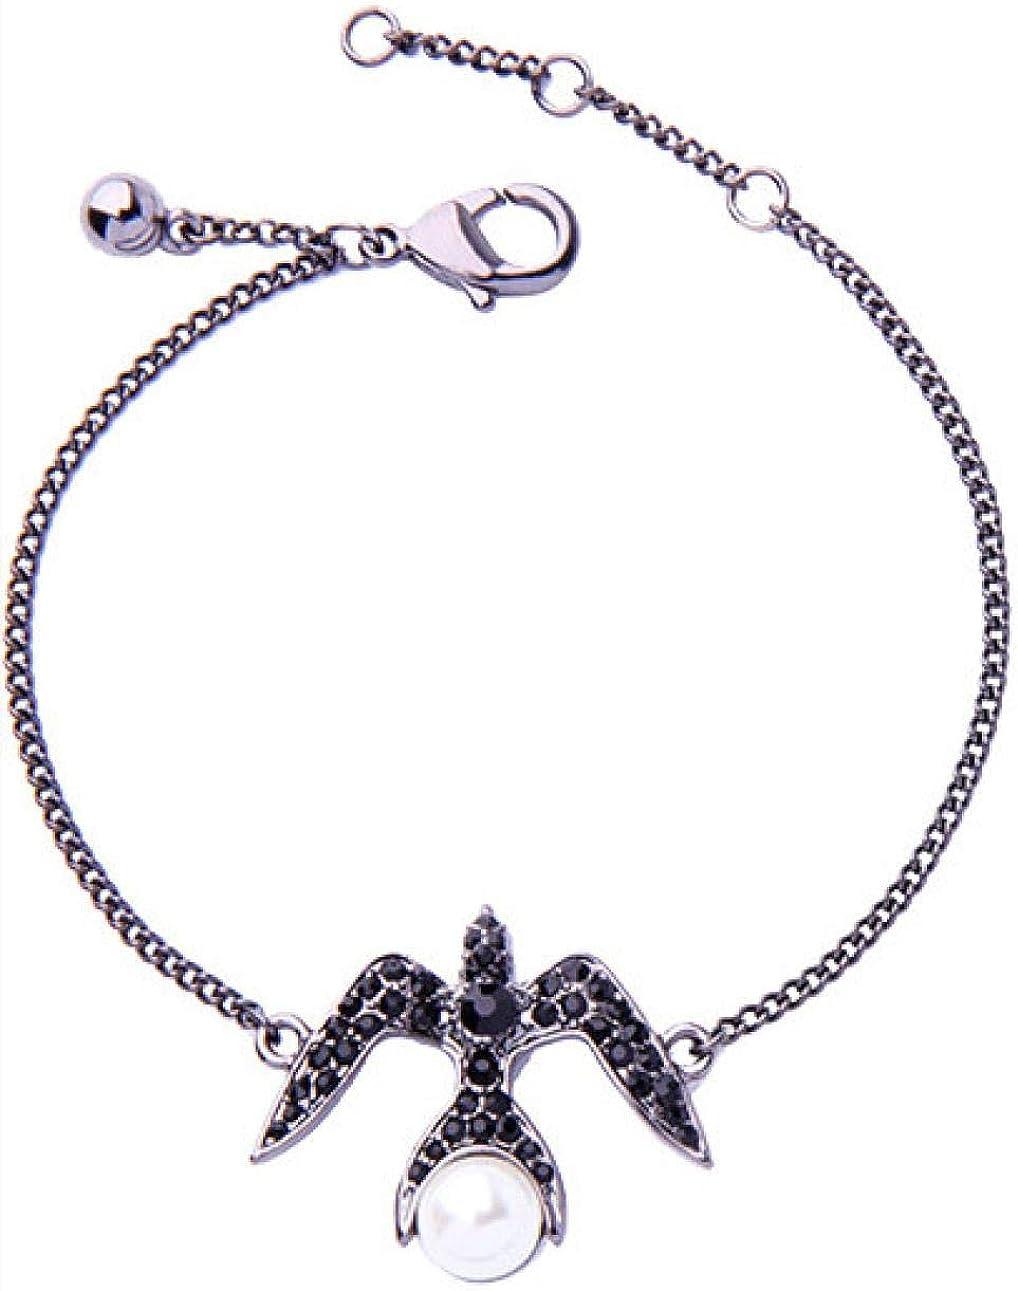 Pulsera femenina, aleación de diamante de cristal respetuoso con el medio ambiente, pulsera de golondrina pequeña, perla con diamantes incrustados, pulsera con incrustaciones de mujer, 21,9 cm